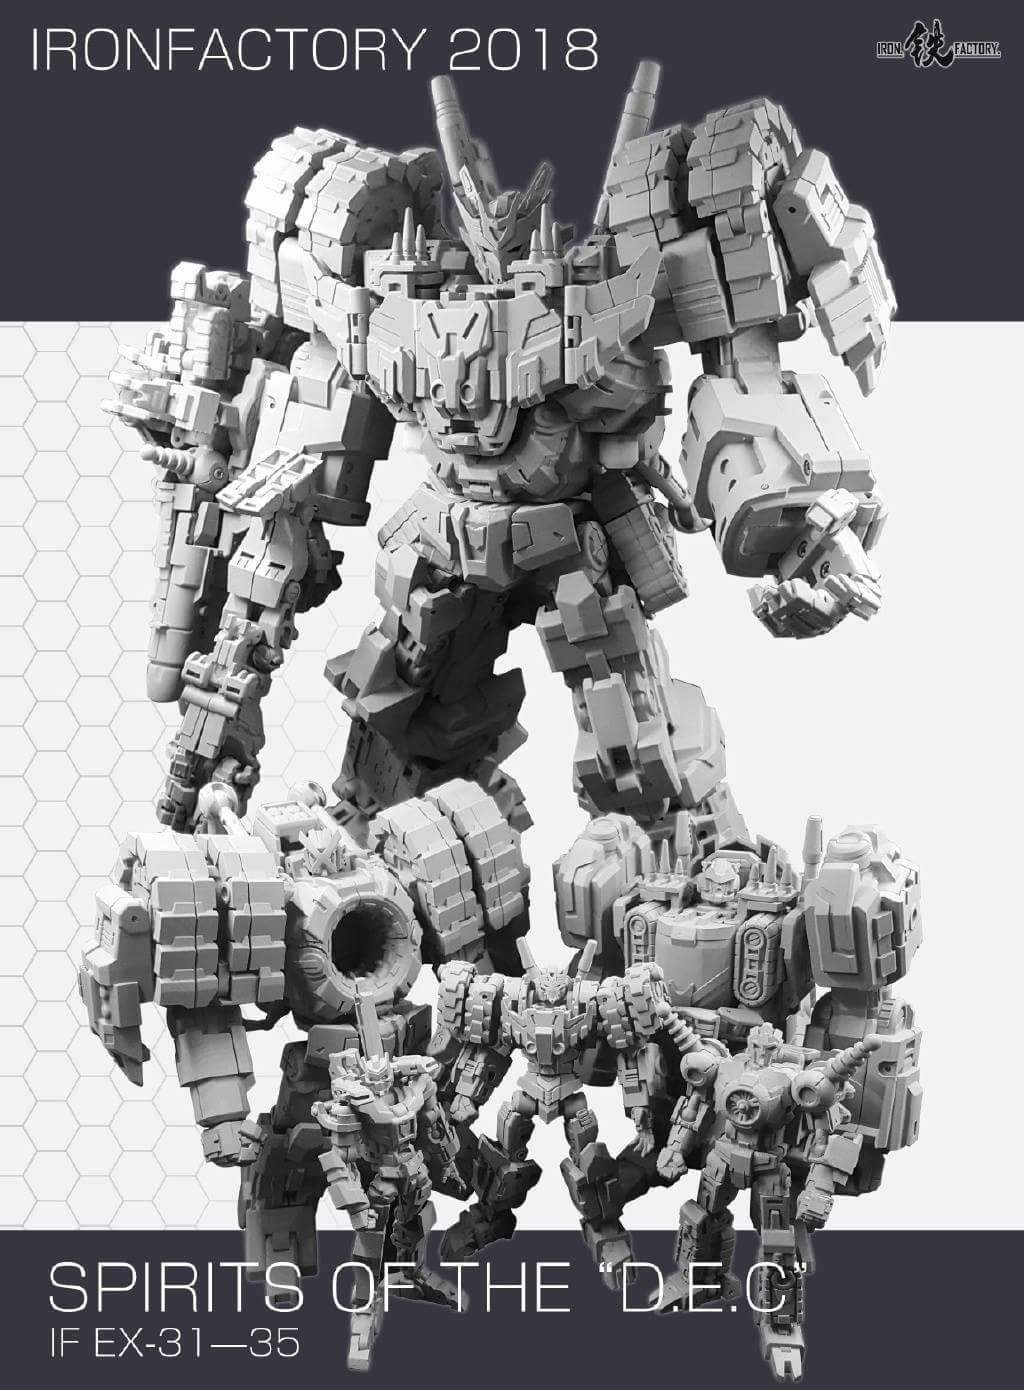 [Iron Factory] Produit Tiers - TF de la Gamme IF-EX - des BD TF d'IDW - échelle Legends - Page 5 8HMN0ZLF_o